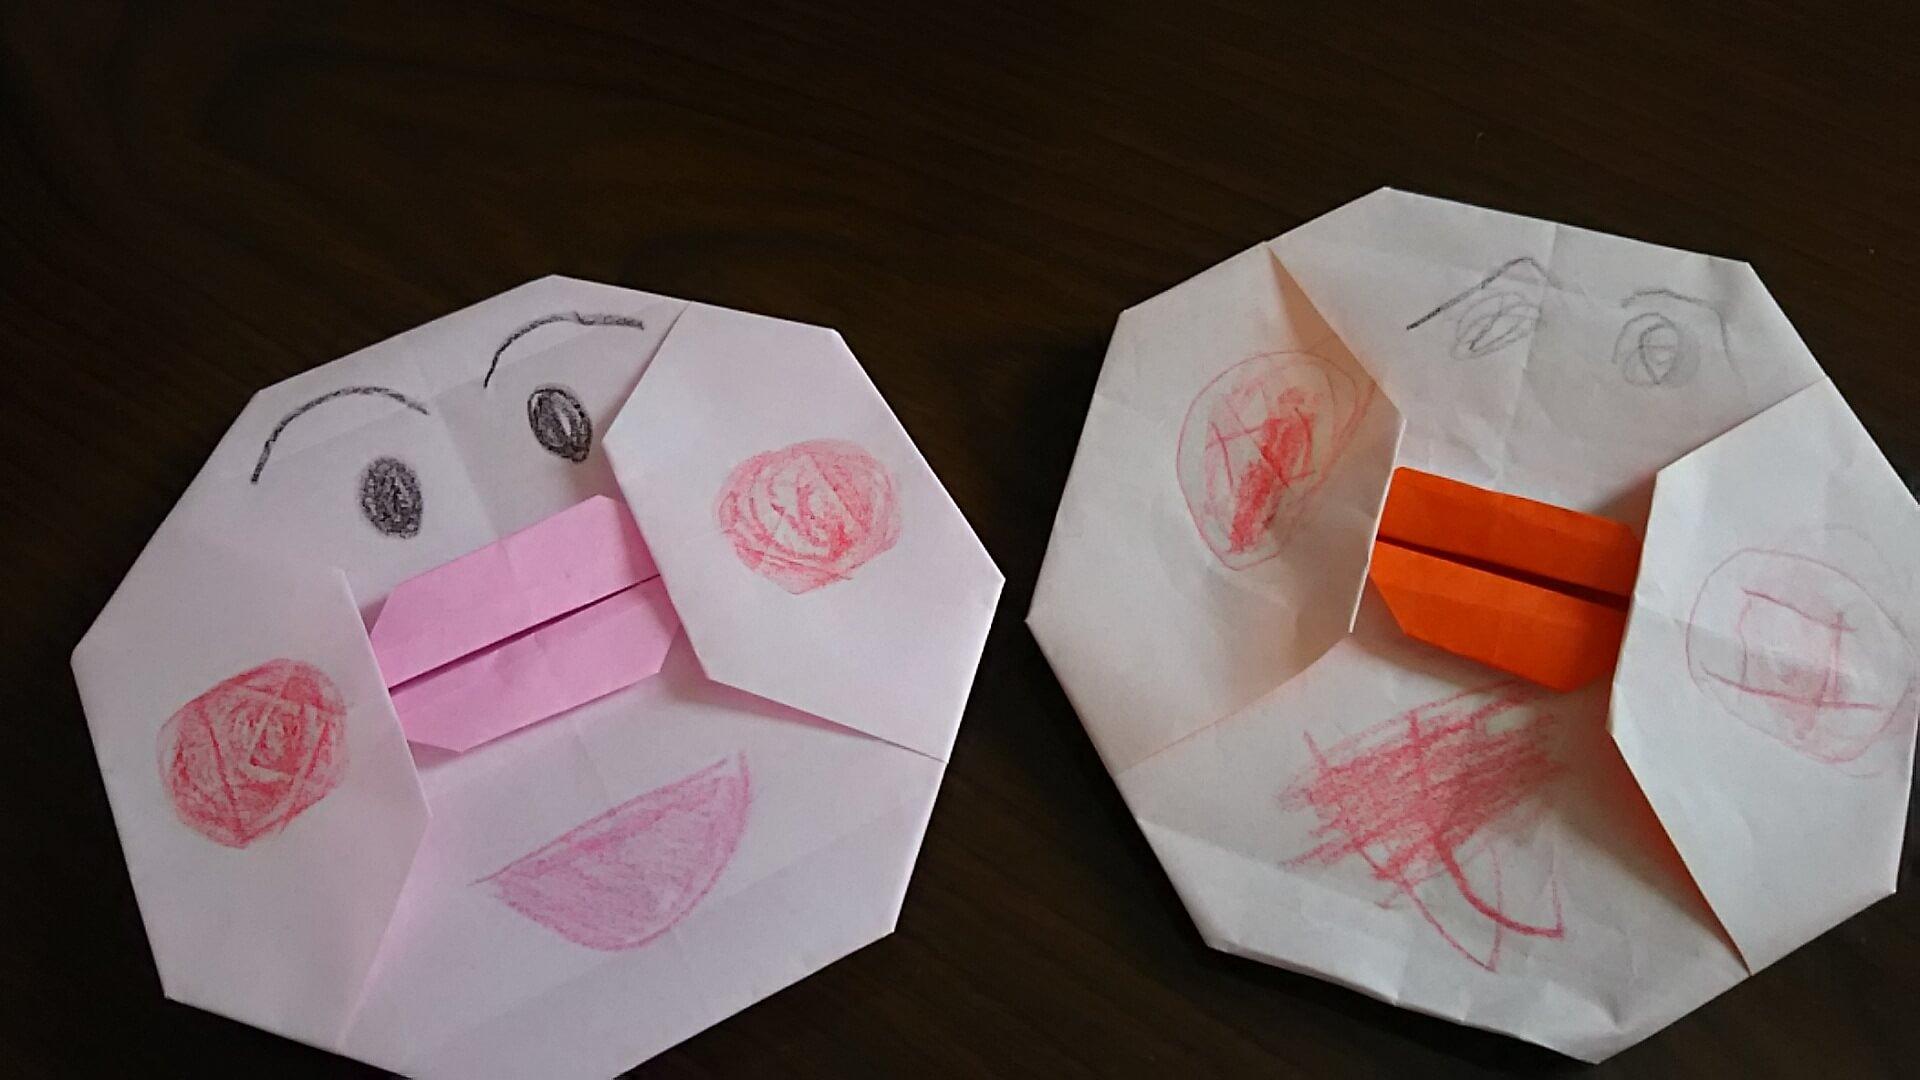 折り紙でアンパンマンの折り方を簡単に!Youtube動画でも解説